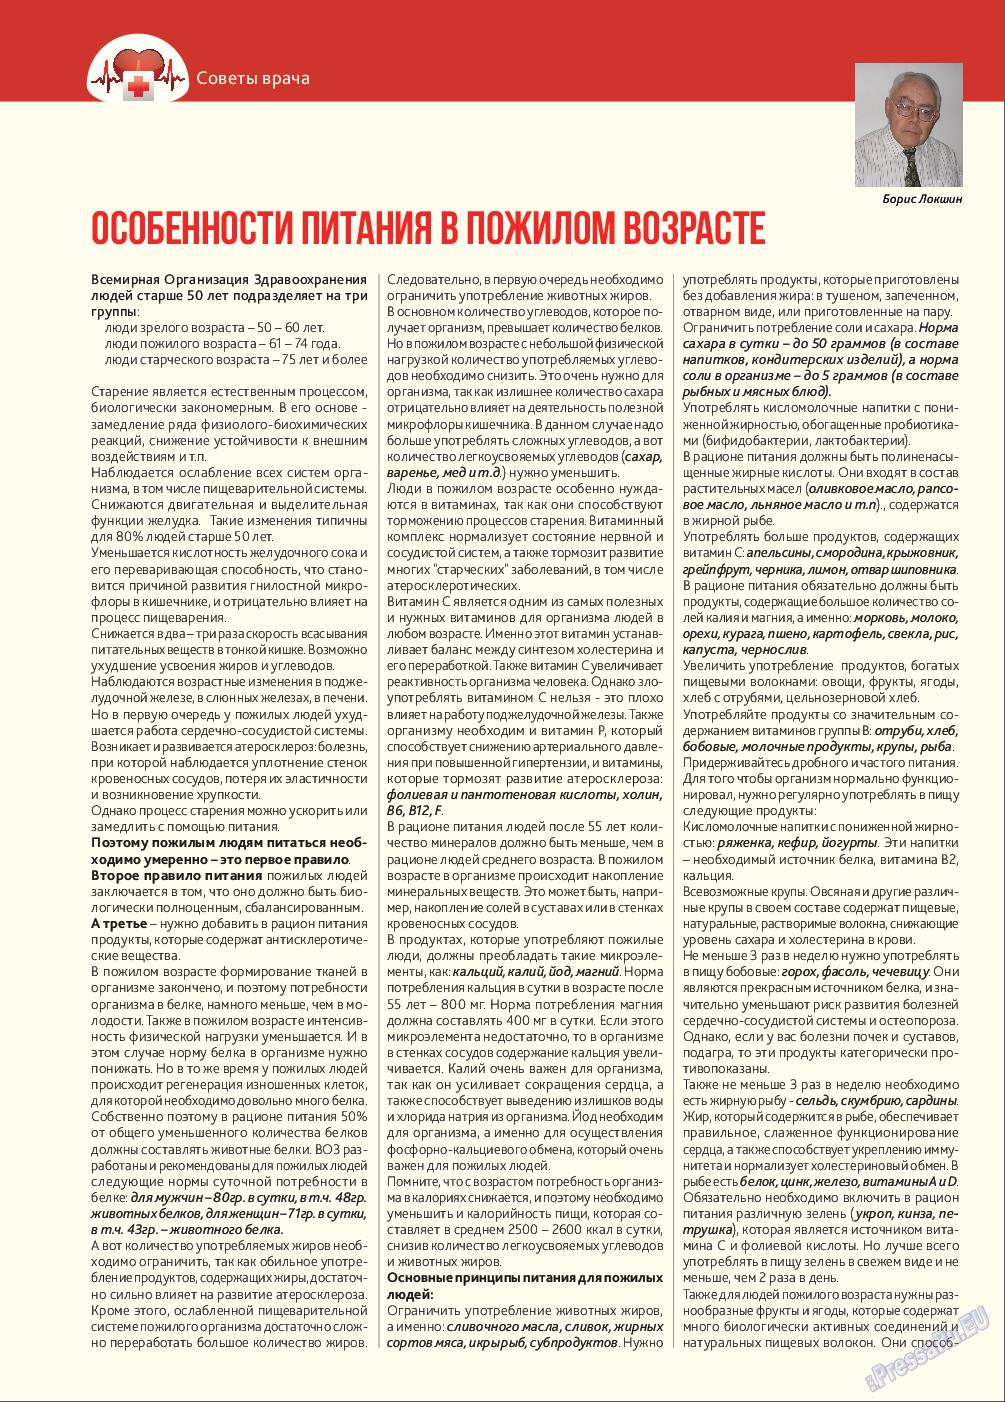 Афиша Augsburg (журнал). 2017 год, номер 6, стр. 8